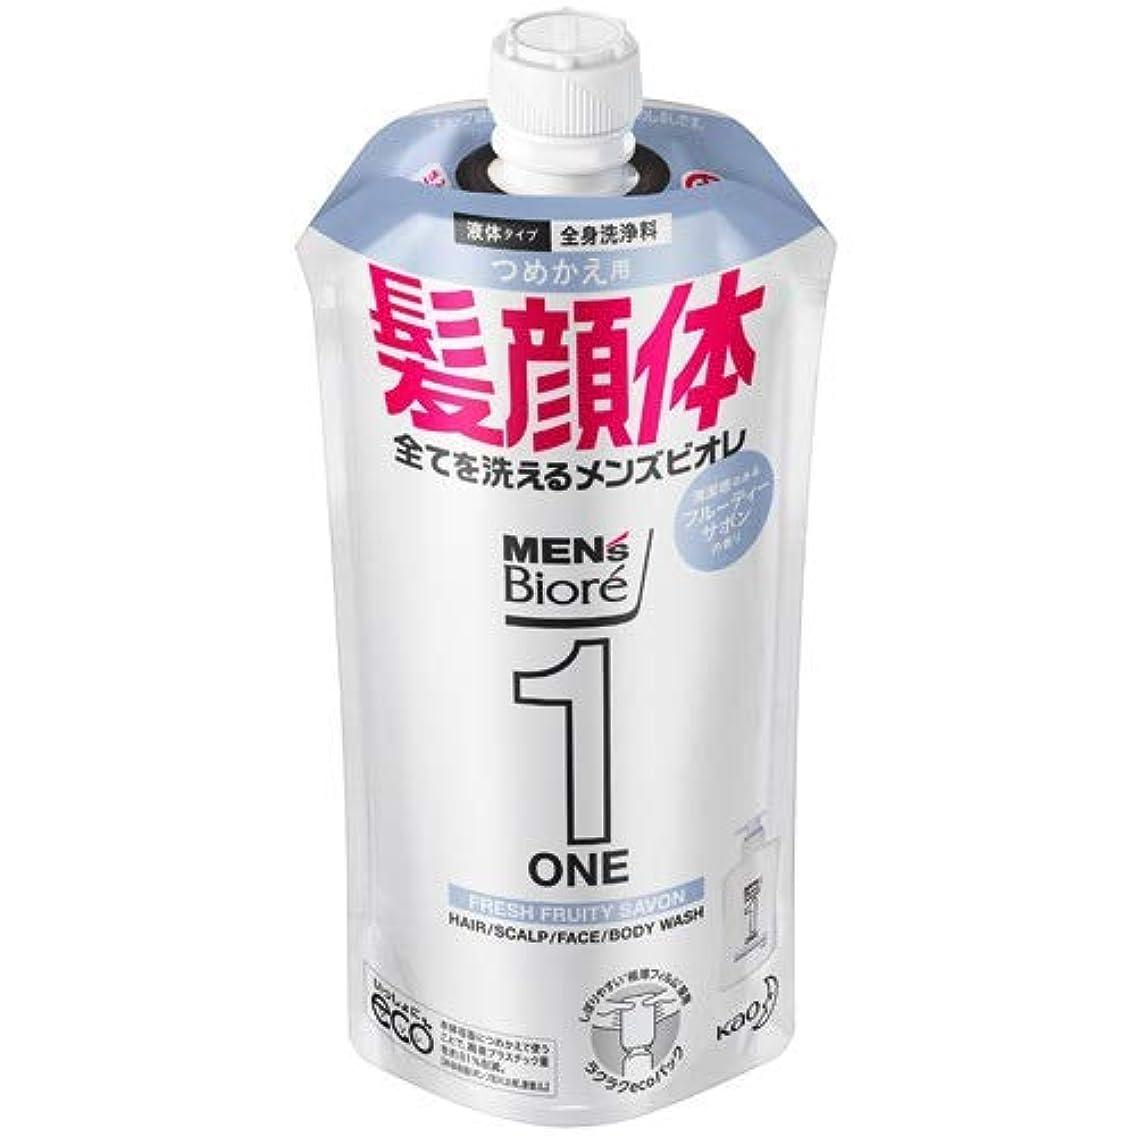 ご予約リング懐疑的【10個セット】メンズビオレONE オールインワン全身洗浄料 清潔感のあるフルーティーサボンの香り つめかえ用 340mL